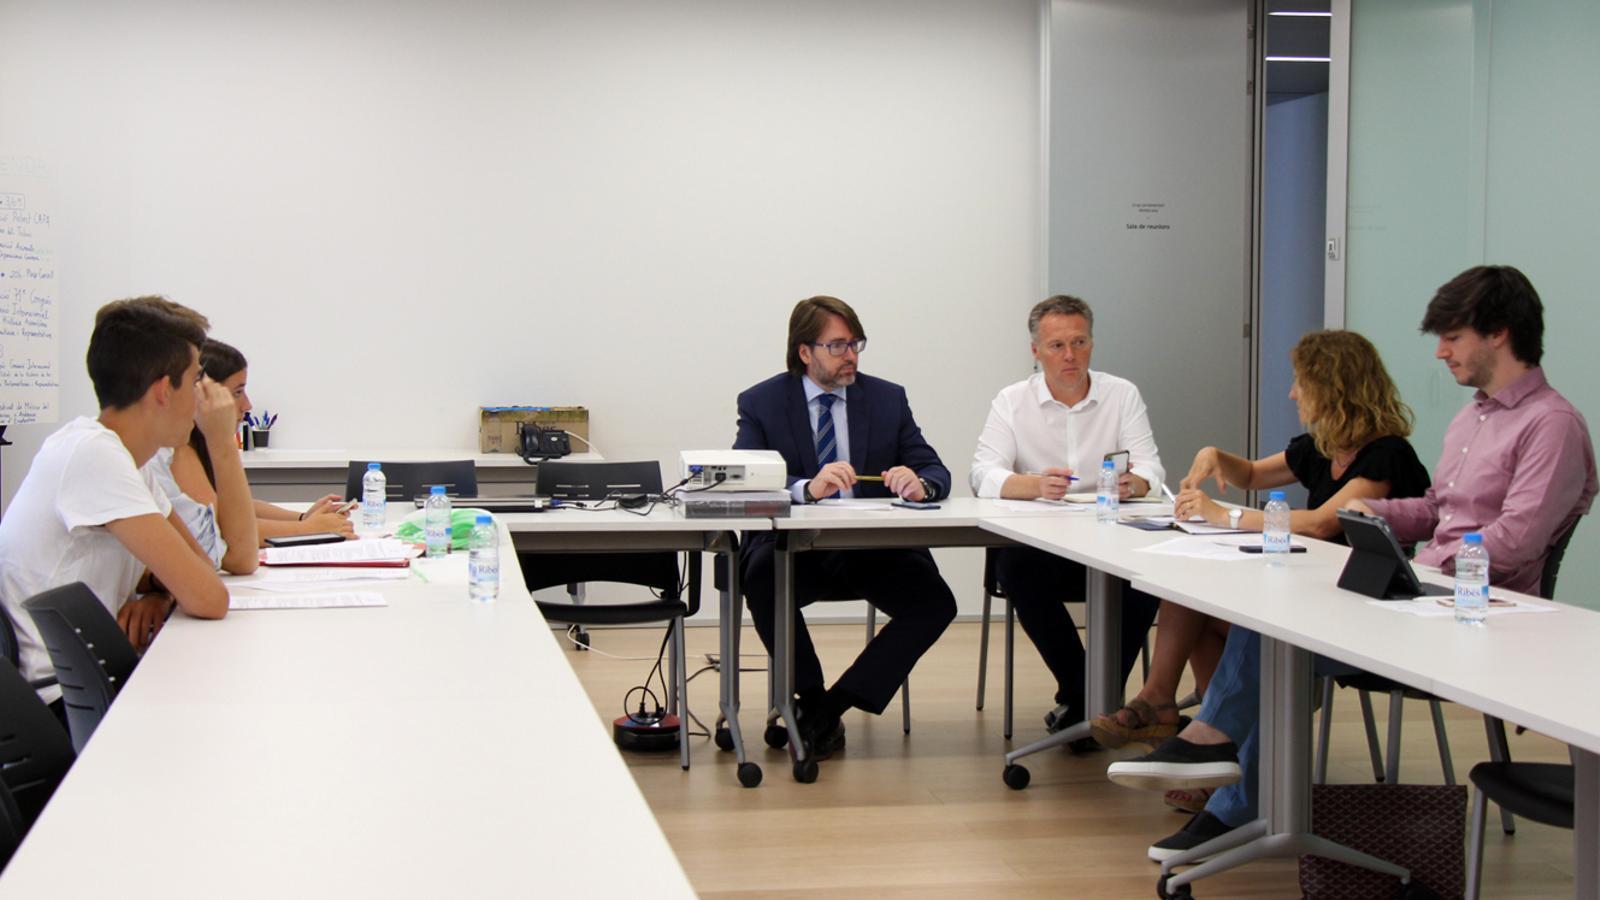 Reunió dels presidents dels grups parlamentaris amb els representants de Fridays for Future. / T. N.